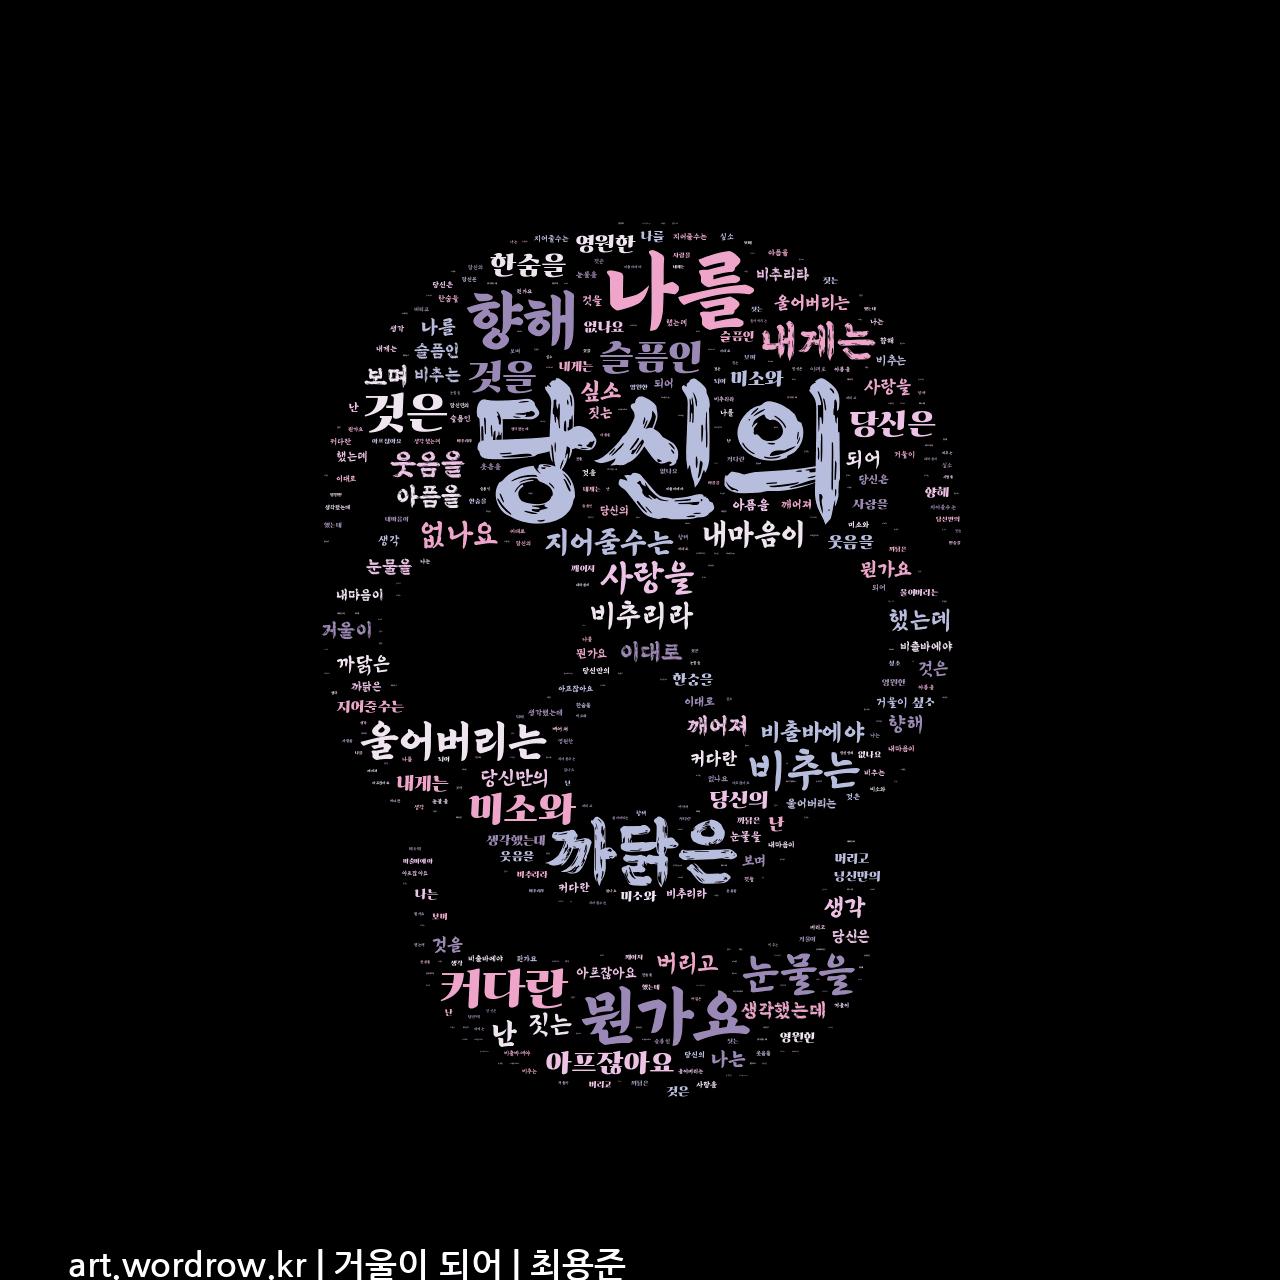 워드 클라우드: 거울이 되어 [최용준]-29